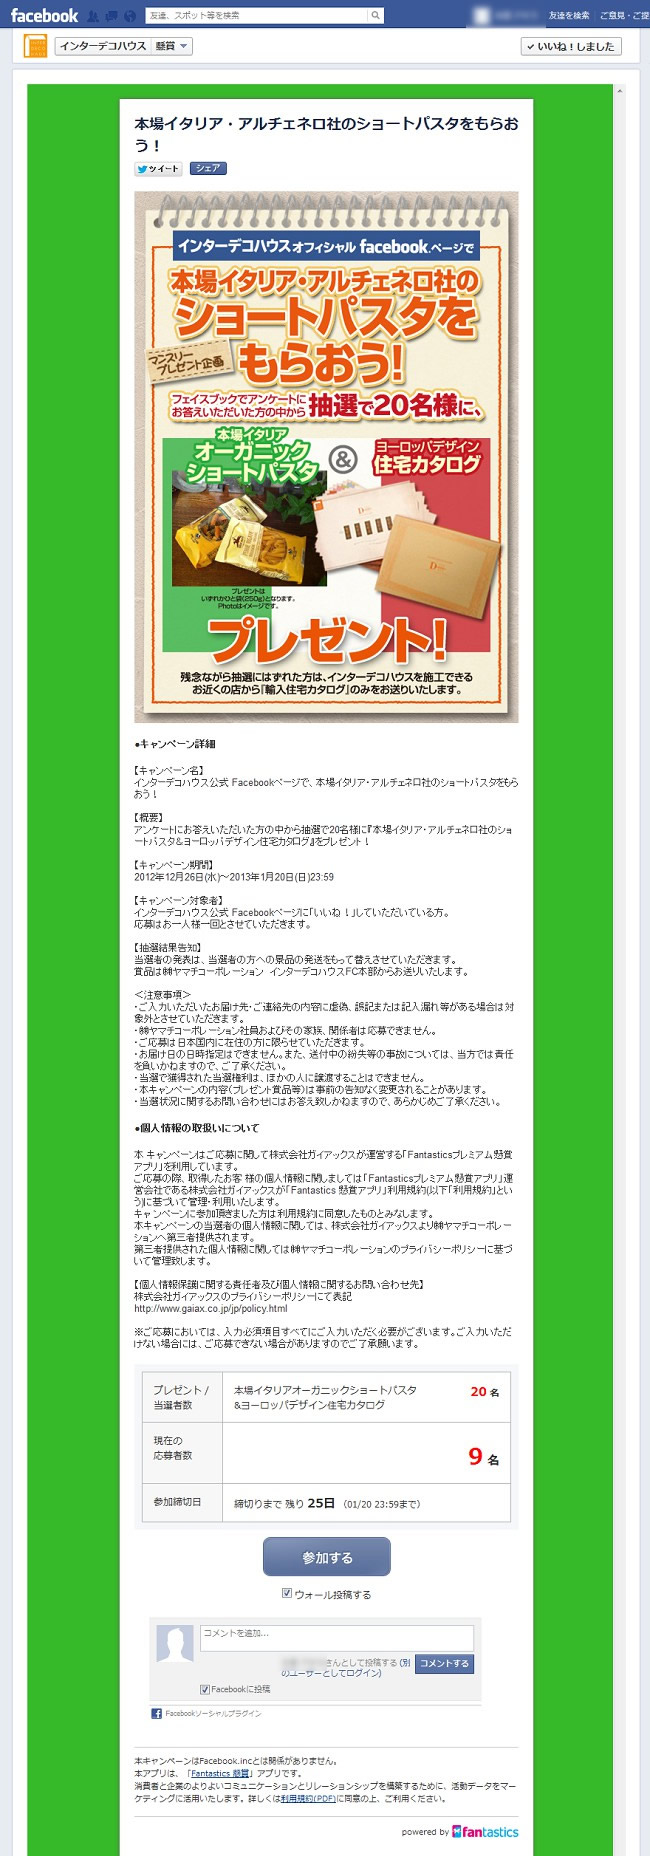 Fantastics 「アンケート型」懸賞アプリ(インターデコハウス様)